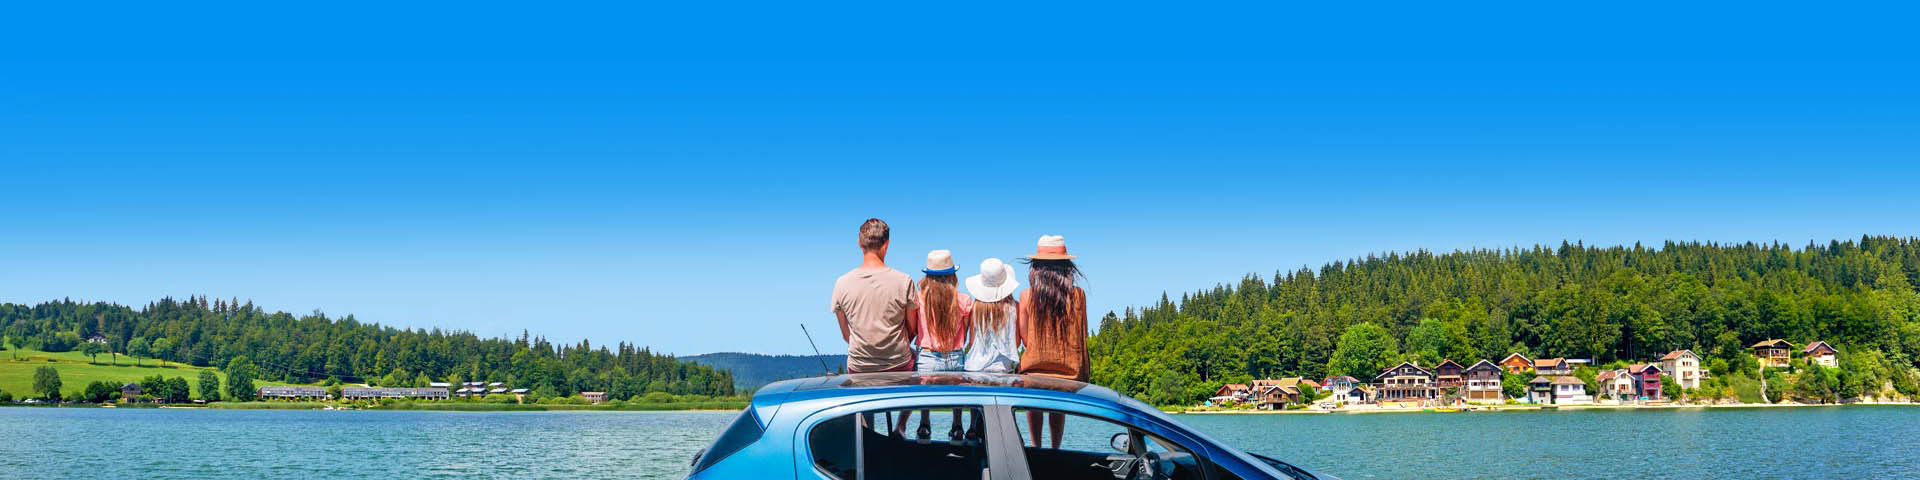 Gezin zitten op de auto kijkend naar mooie natuur tijdens hun autovakantie